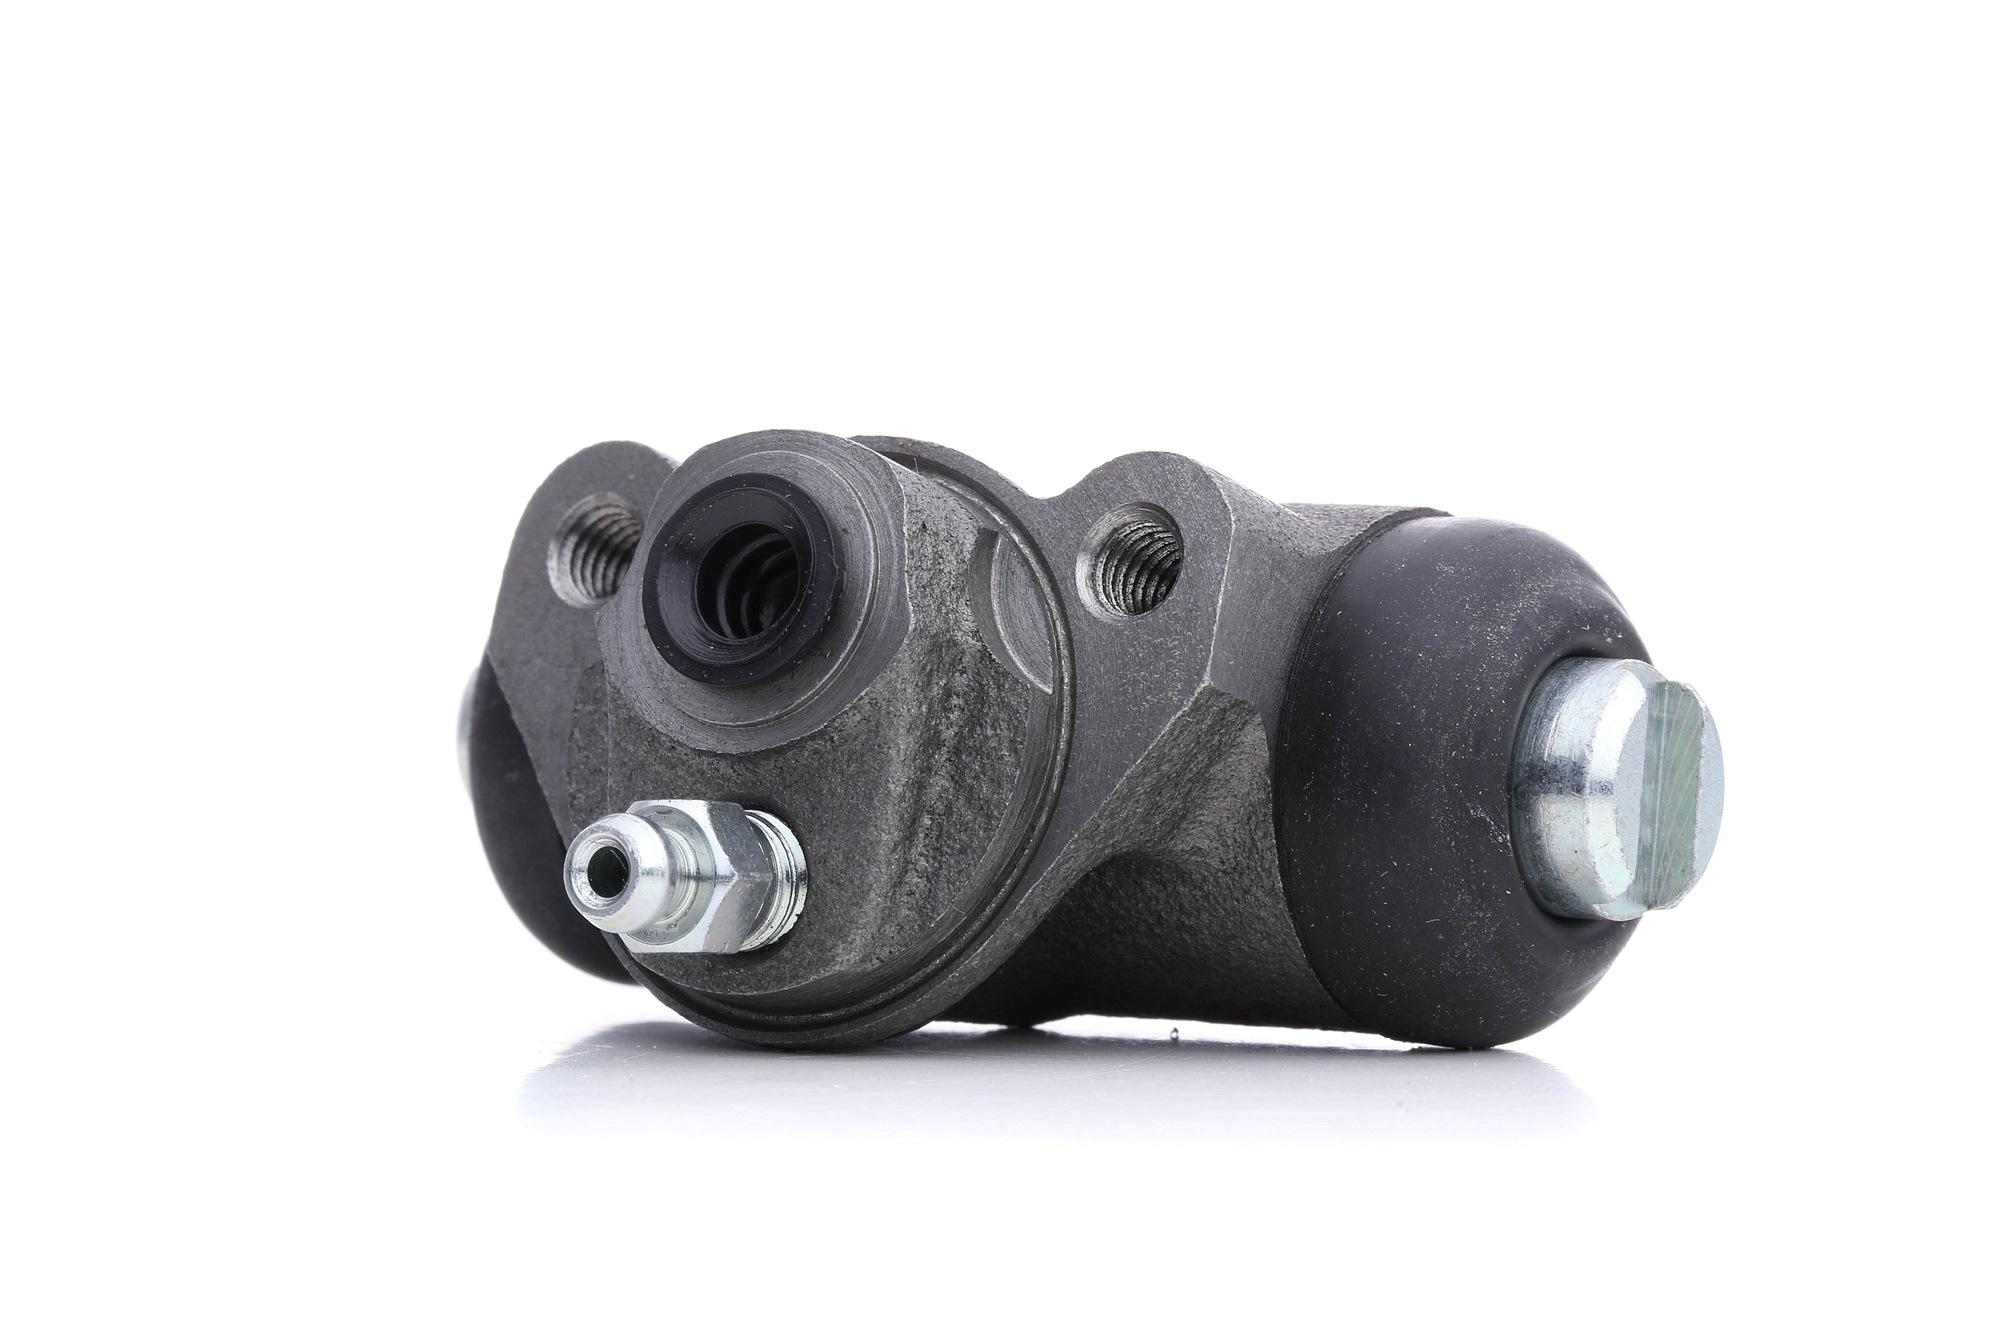 Radzylinder CIFAM 101-156 Bewertung